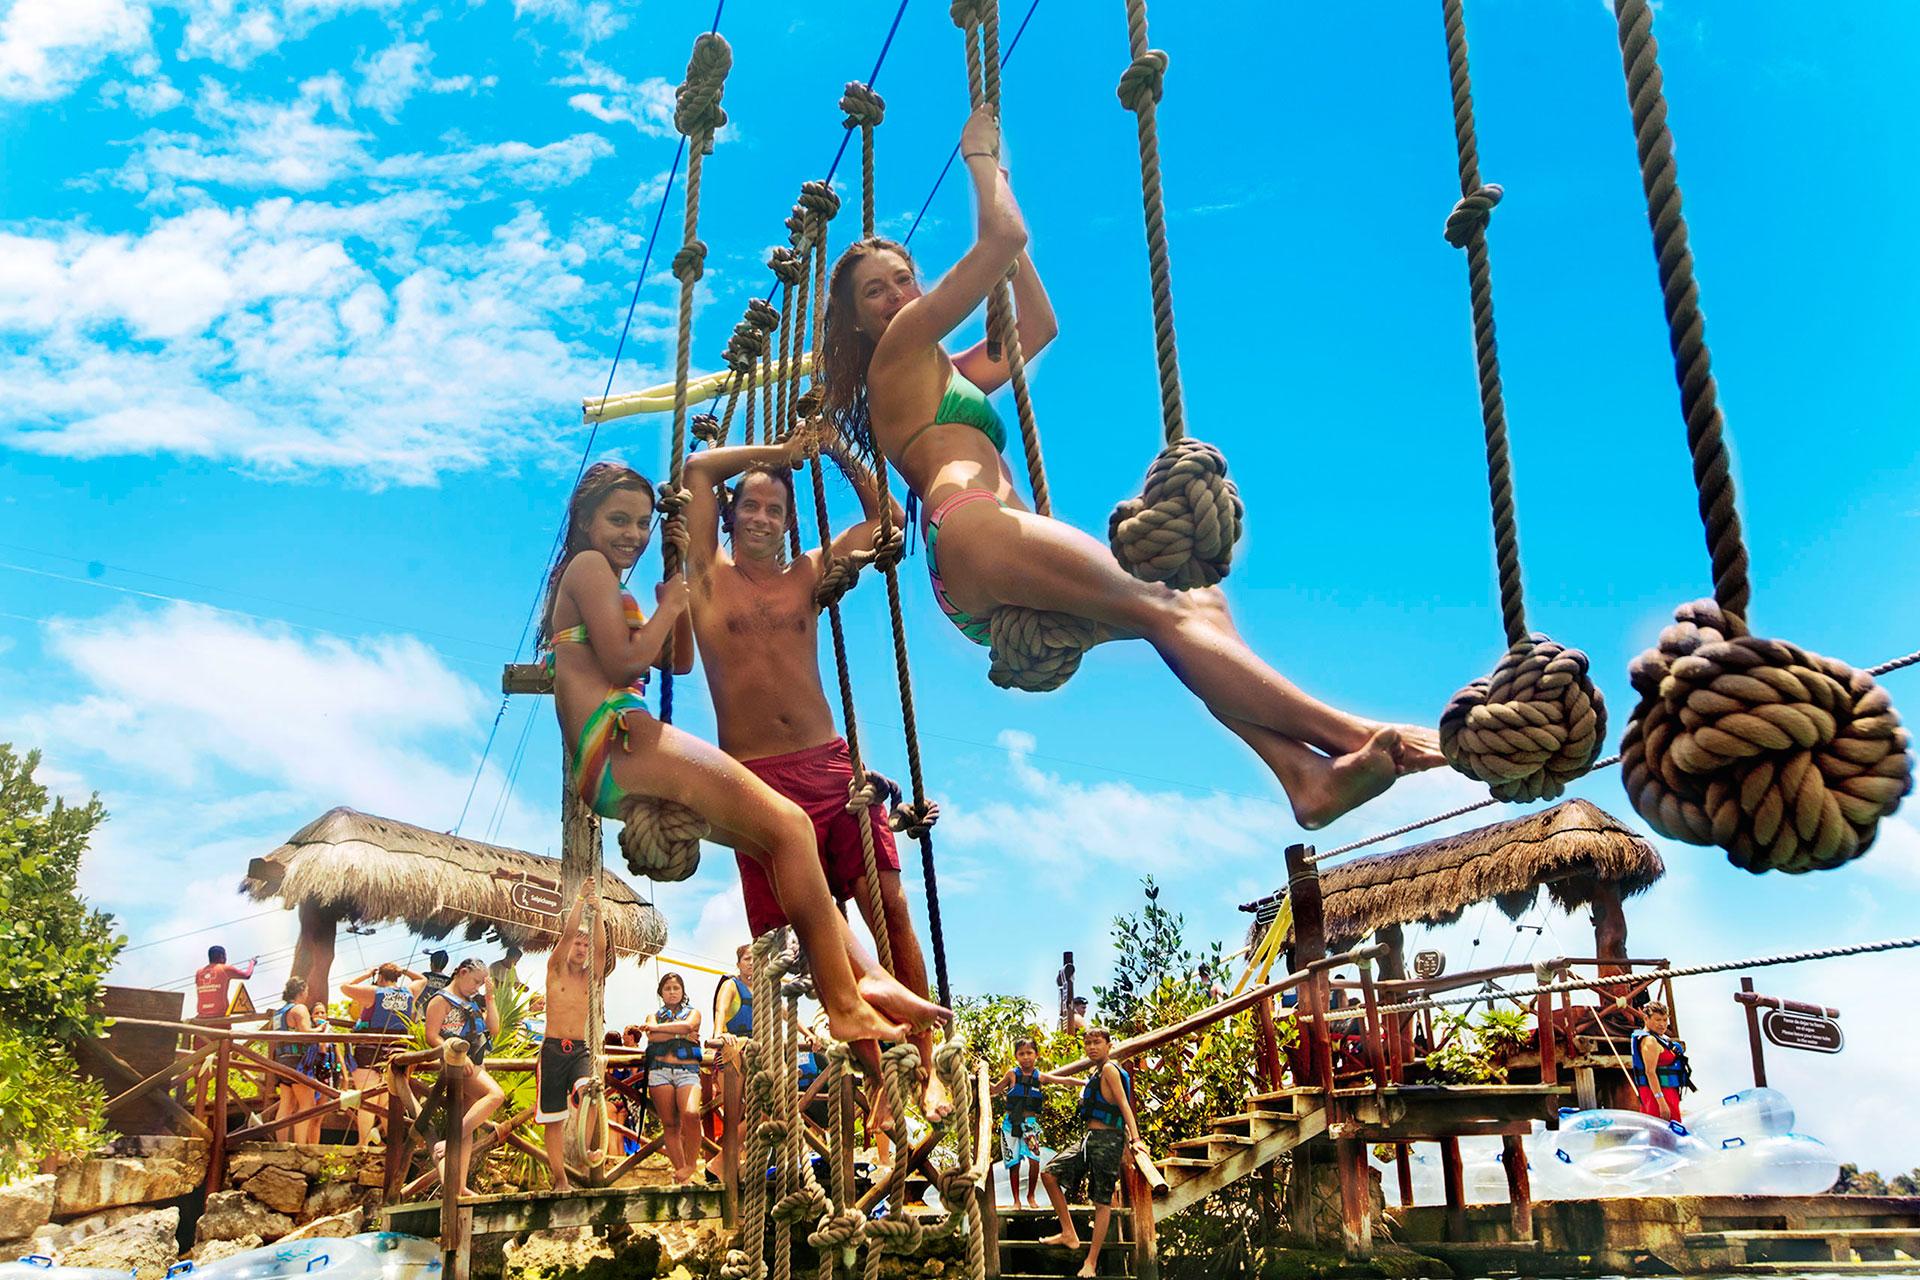 64854_xel-ha-parque-acuatico-actividades.jpg